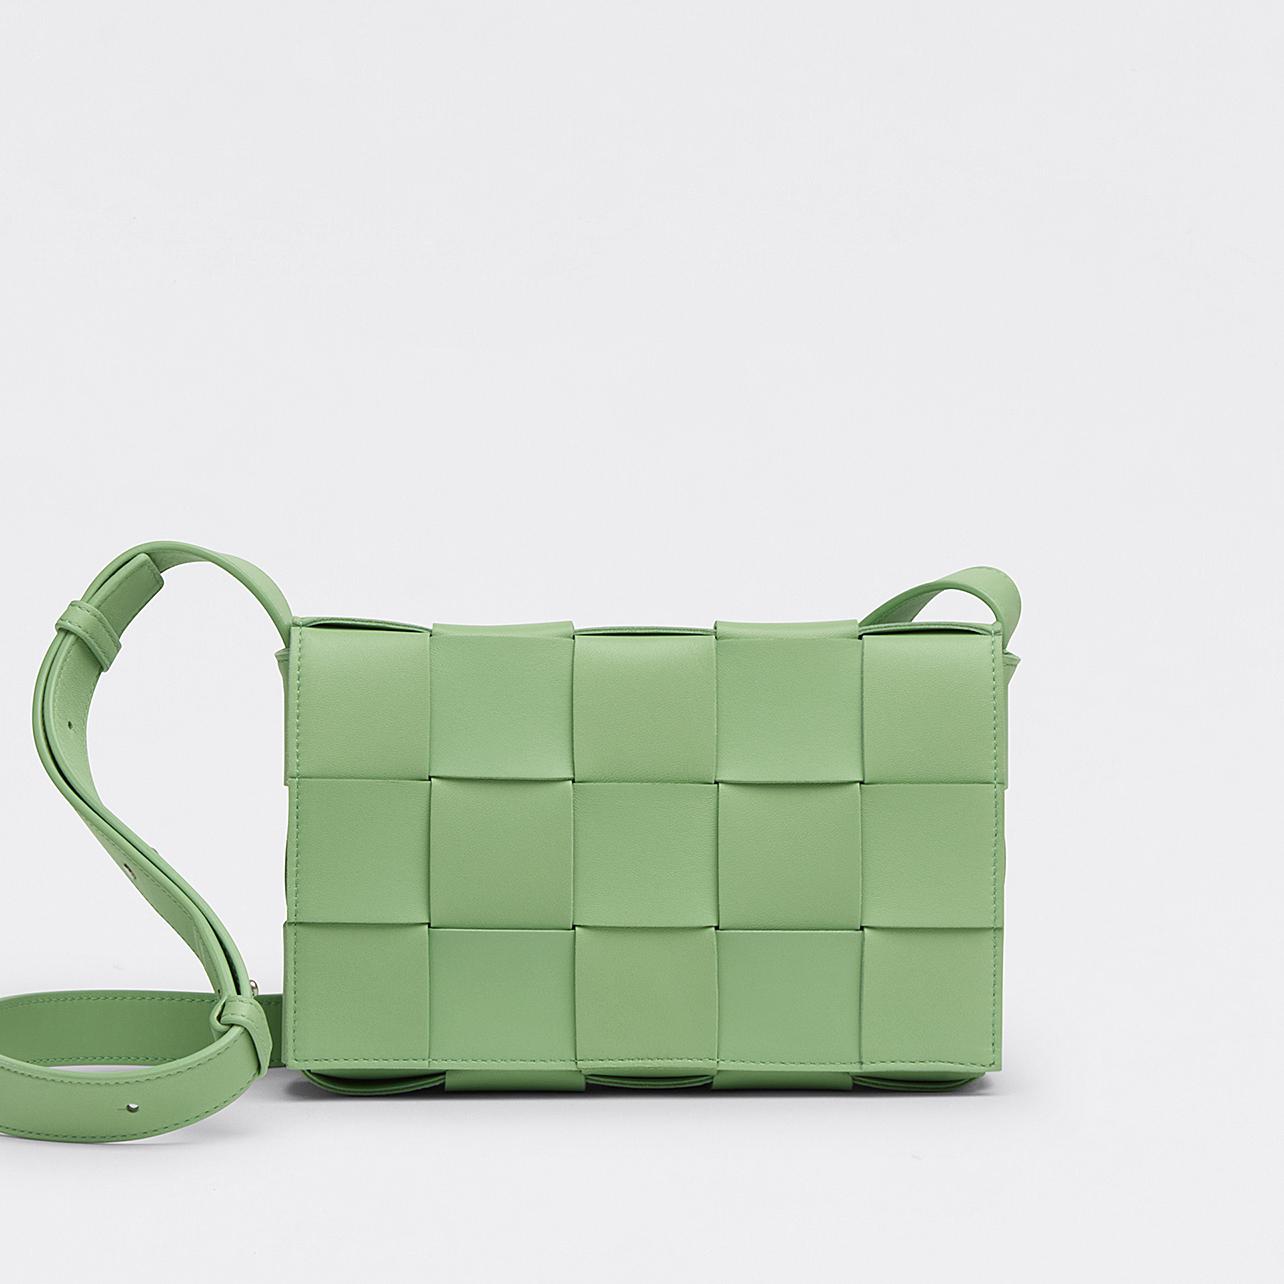 Bottega Veneta Padded Cassette Shoulder Bag Nero in